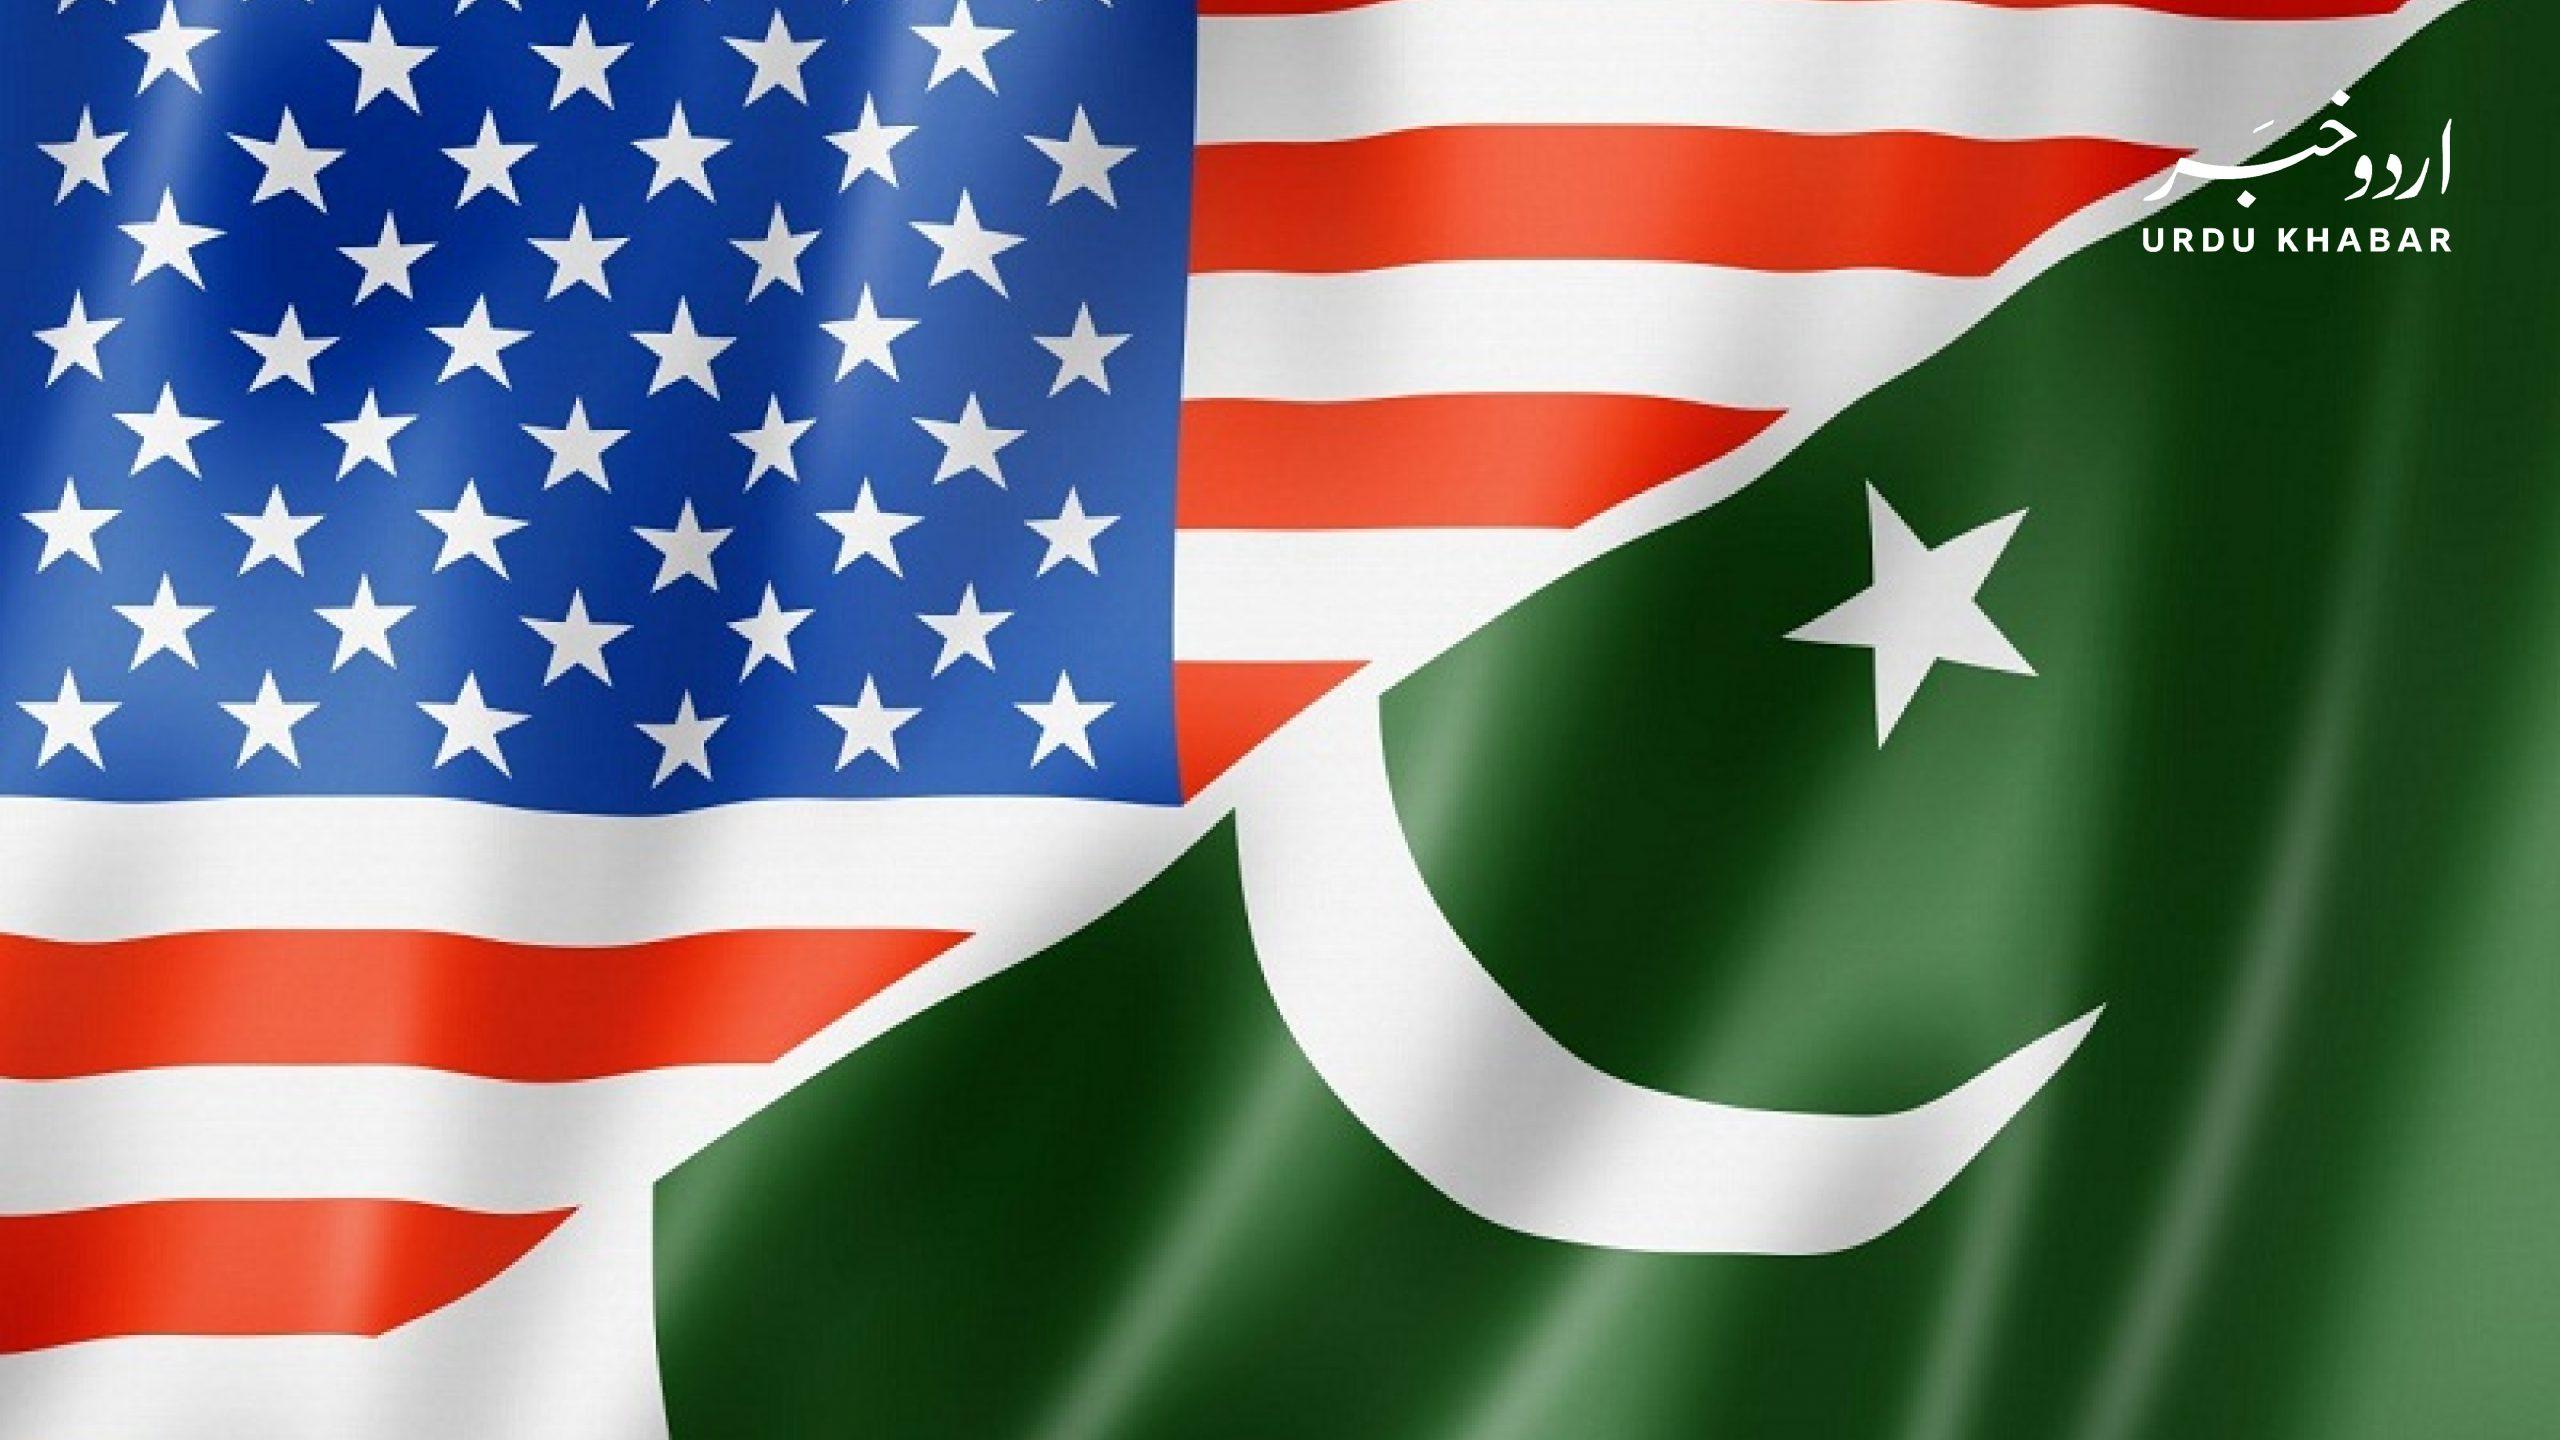 علاقائی استحکام کے لئے پاکستان  کی امریکہ سے گہری دوستی کی خواہش